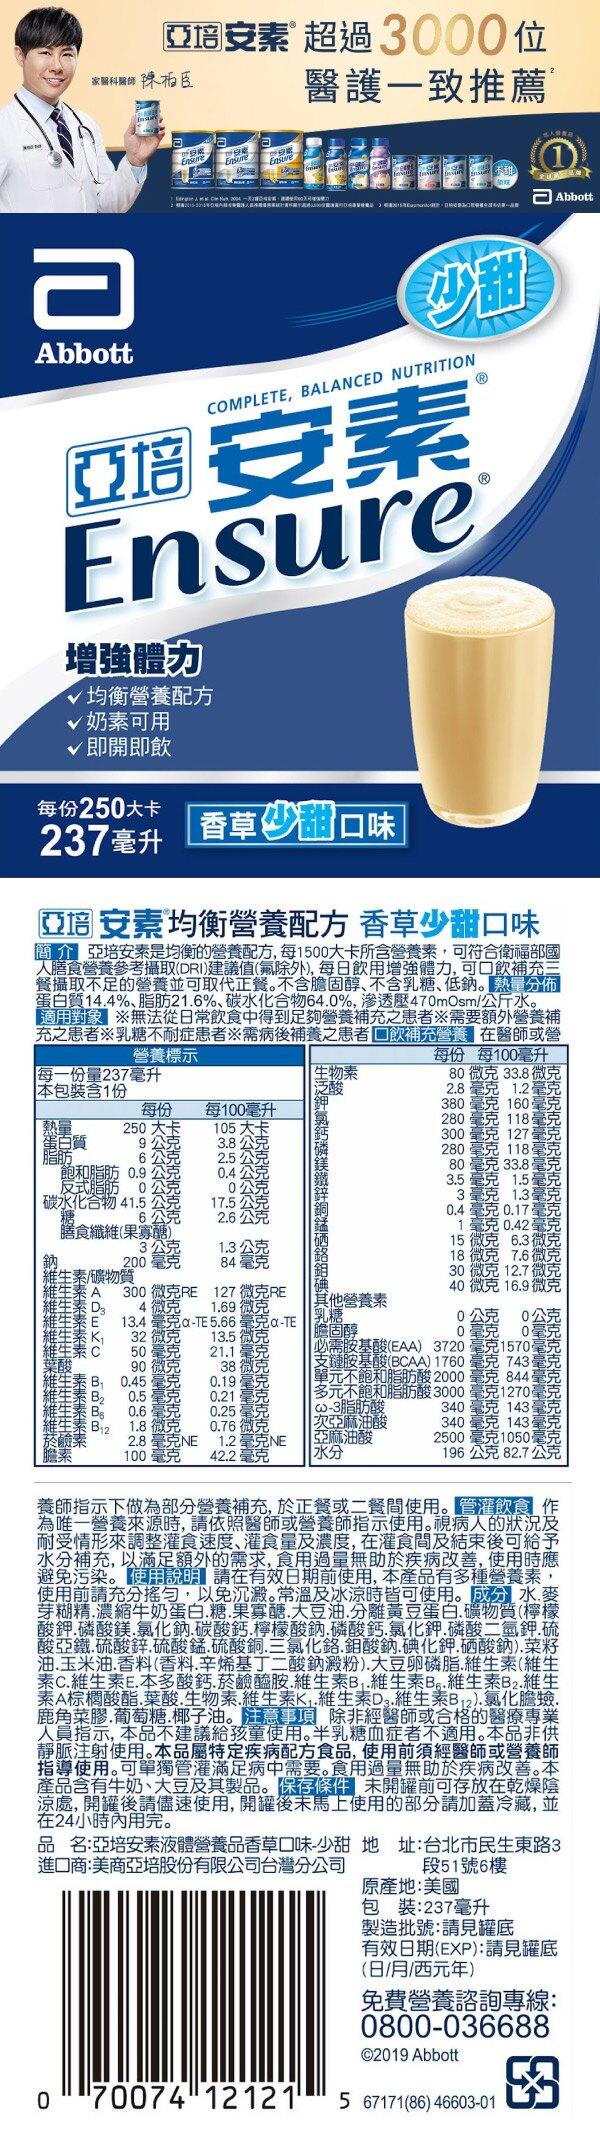 亞培安素 香草口味(少甜) 24罐/箱【杏一】【樂天網銀結帳10%回饋】